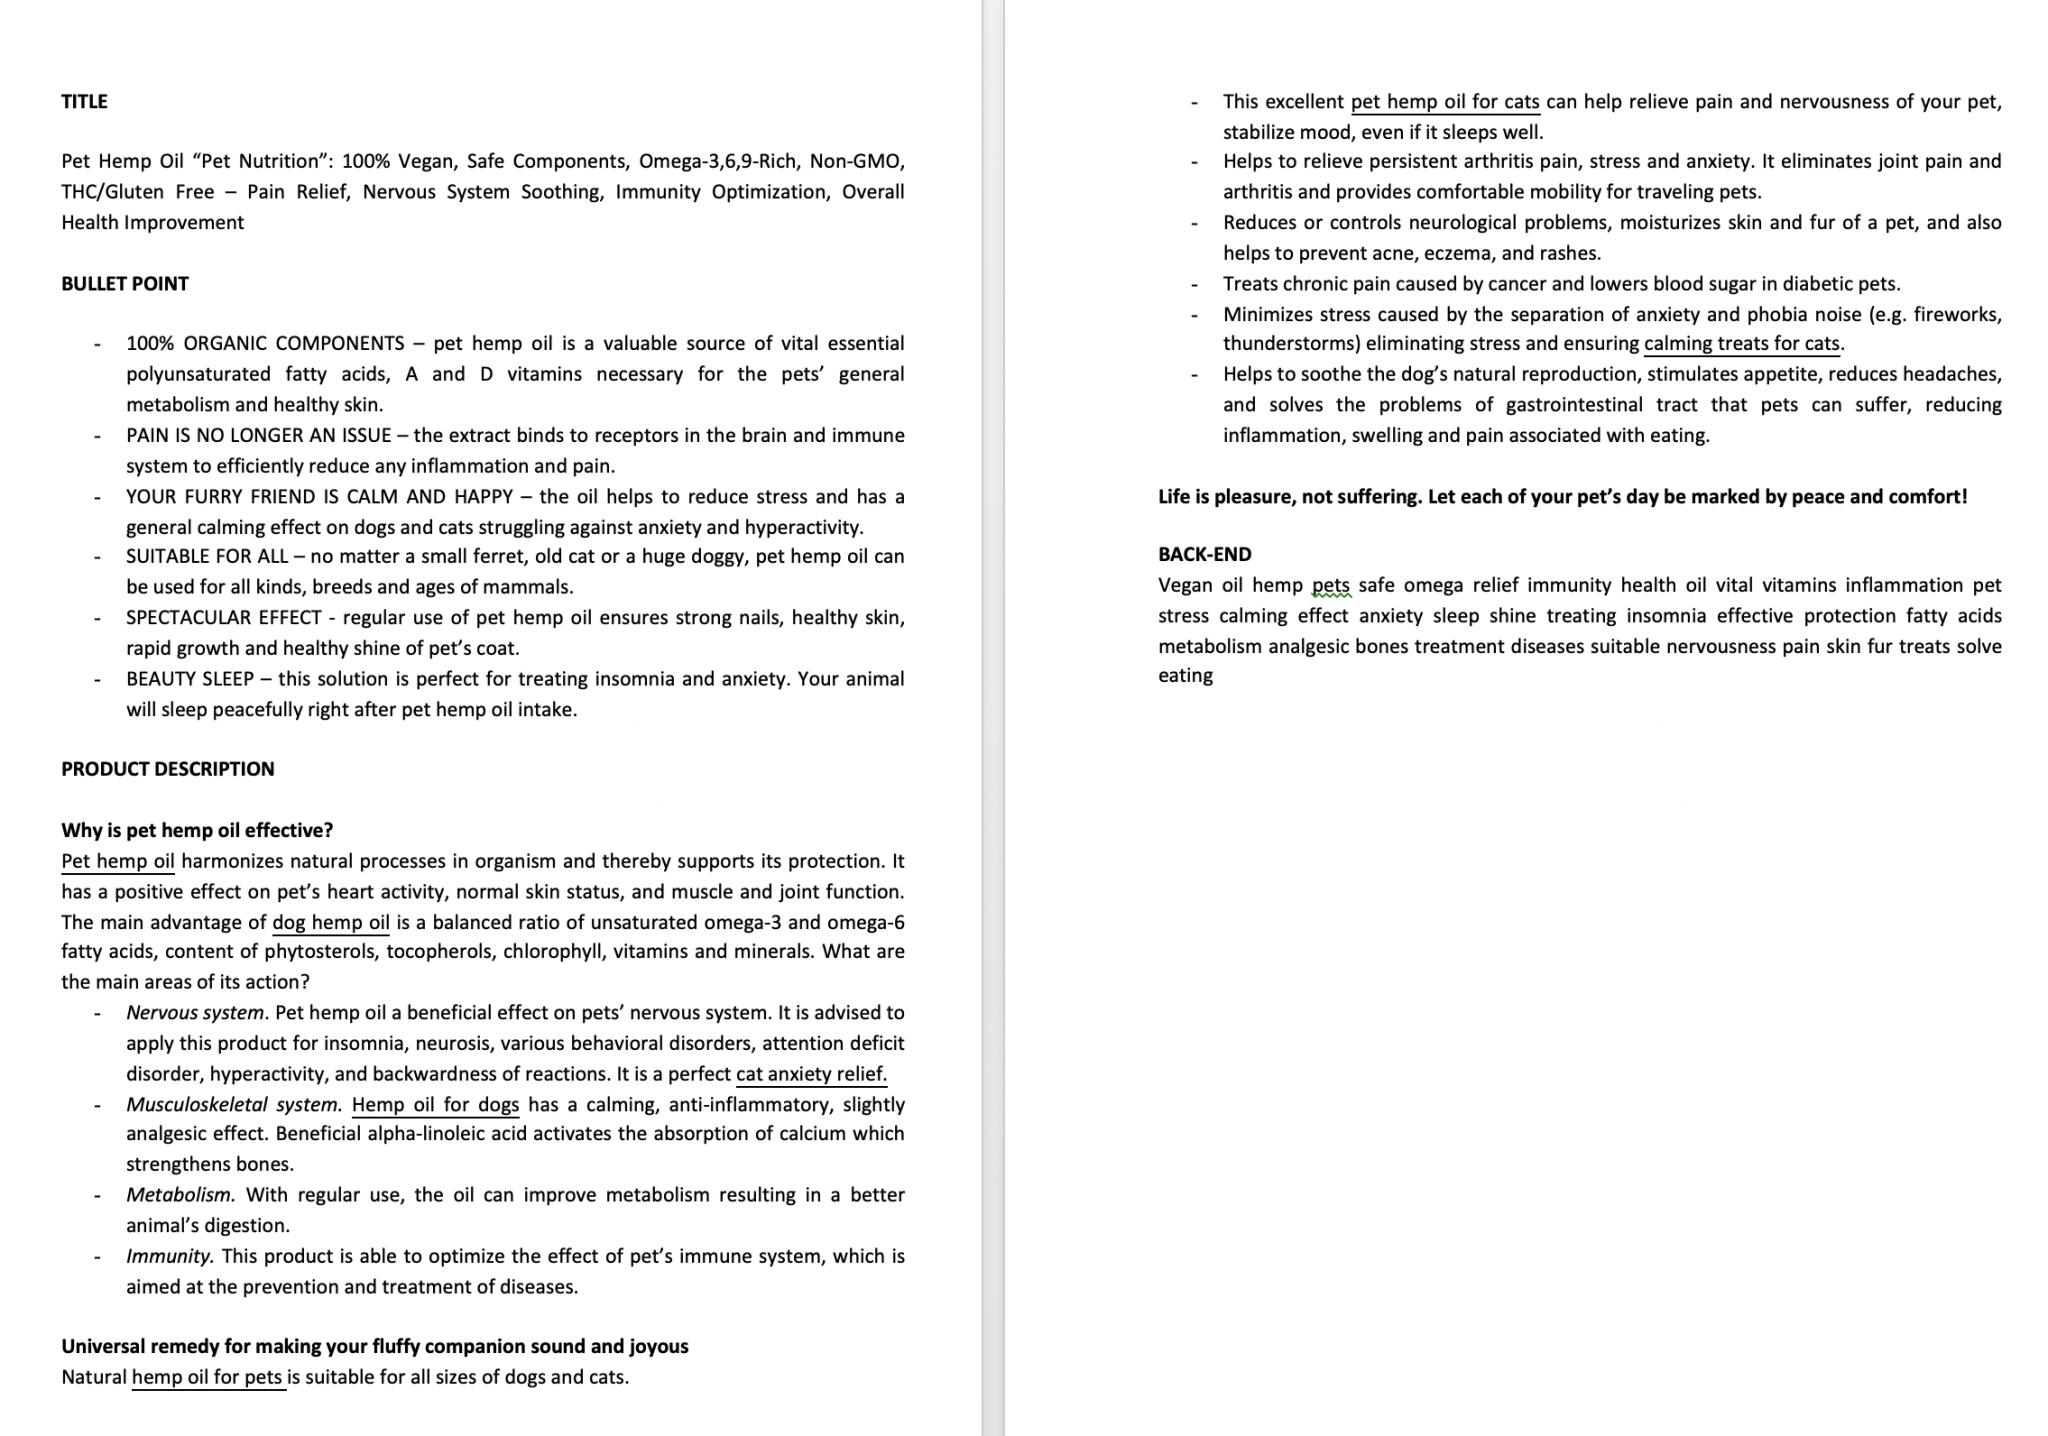 Картинка экрана 2020 01 11 в 2.06.00 - Пример текста на английском №43 - Написание текста на английском языке для листинга на Amazon.